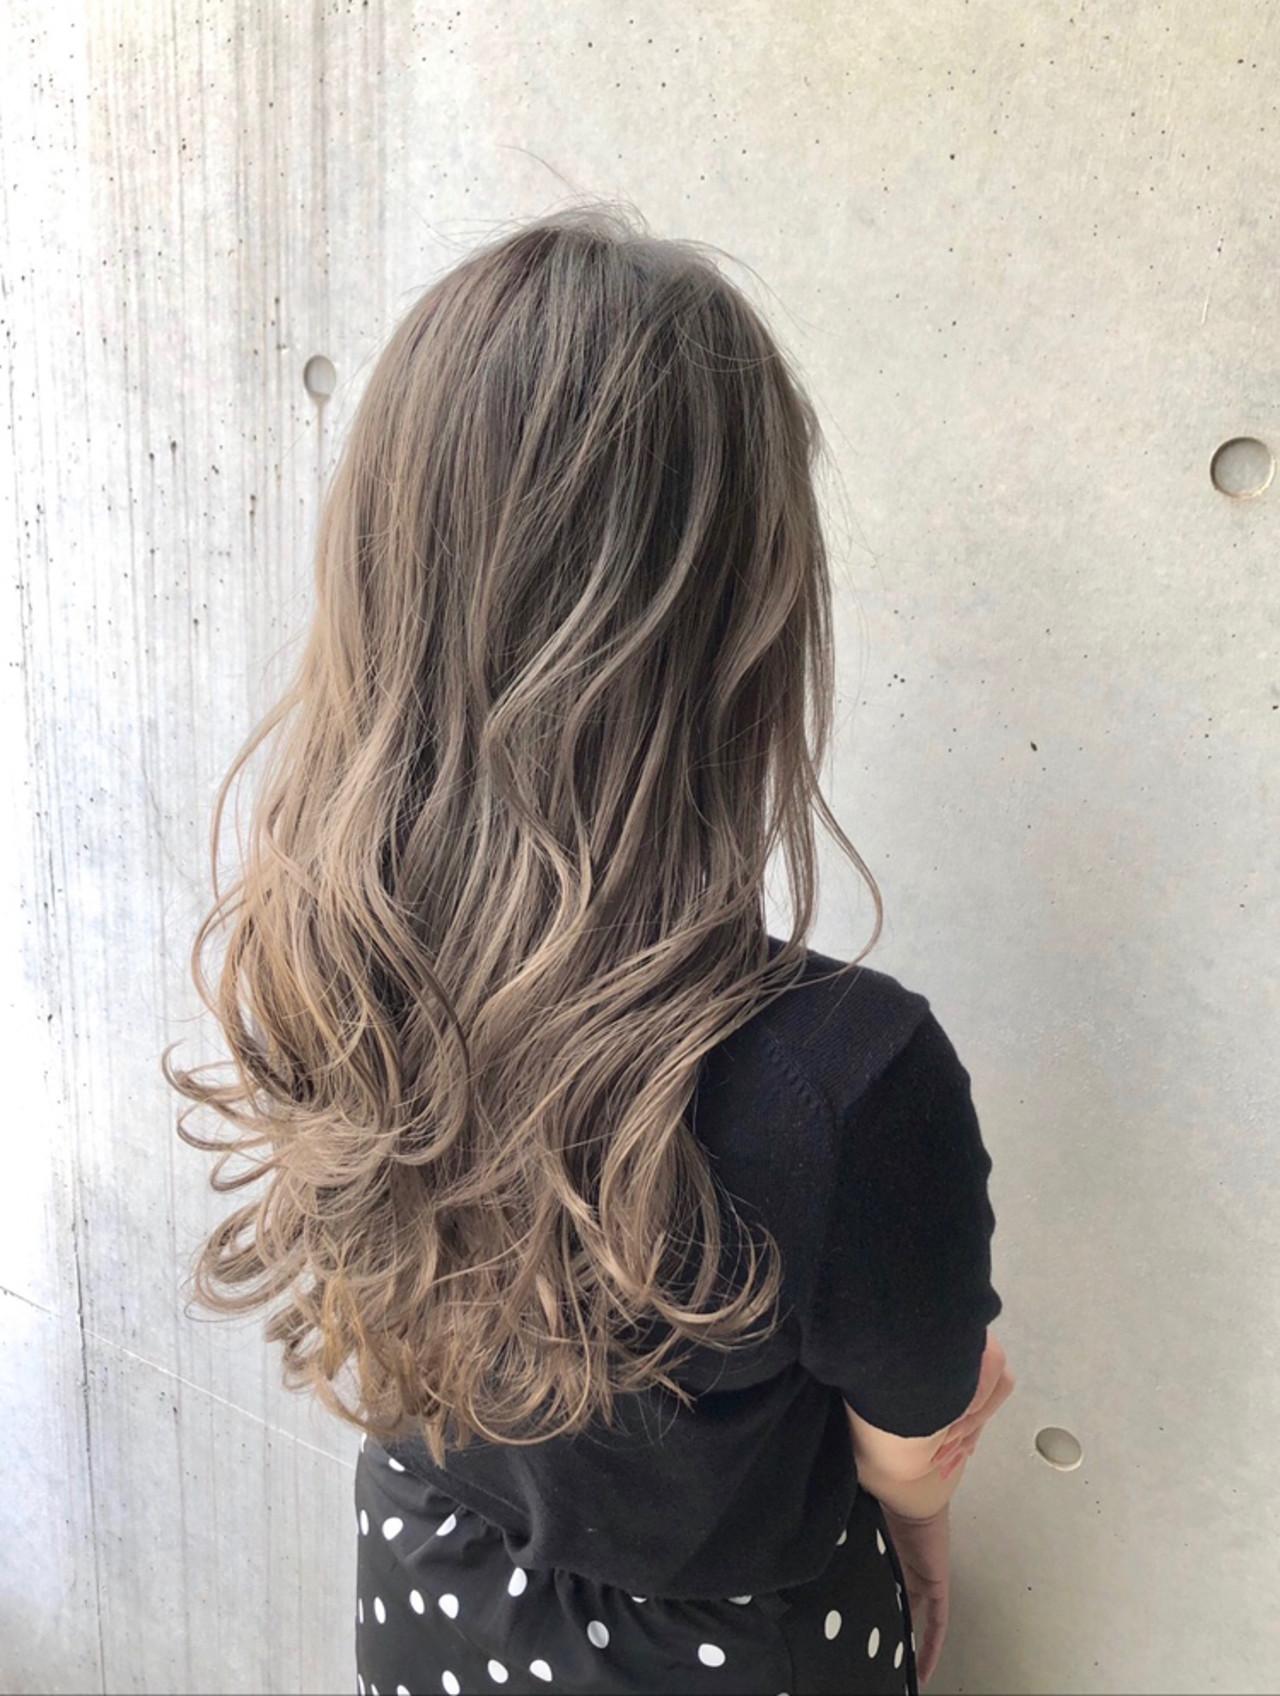 ロング バレイヤージュ ミルクティーグレージュ ストリート ヘアスタイルや髪型の写真・画像